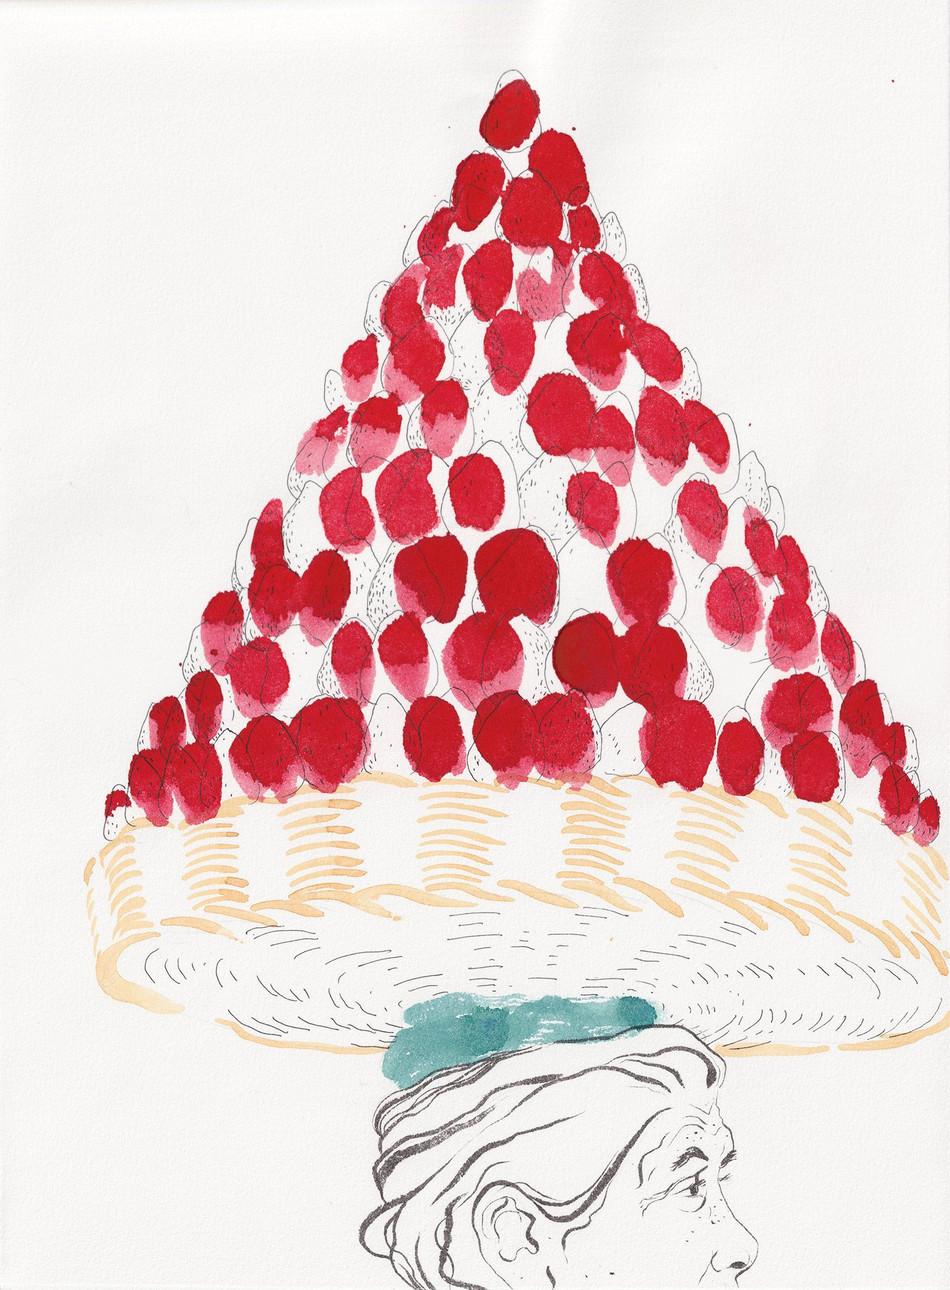 Pyramide de fraises